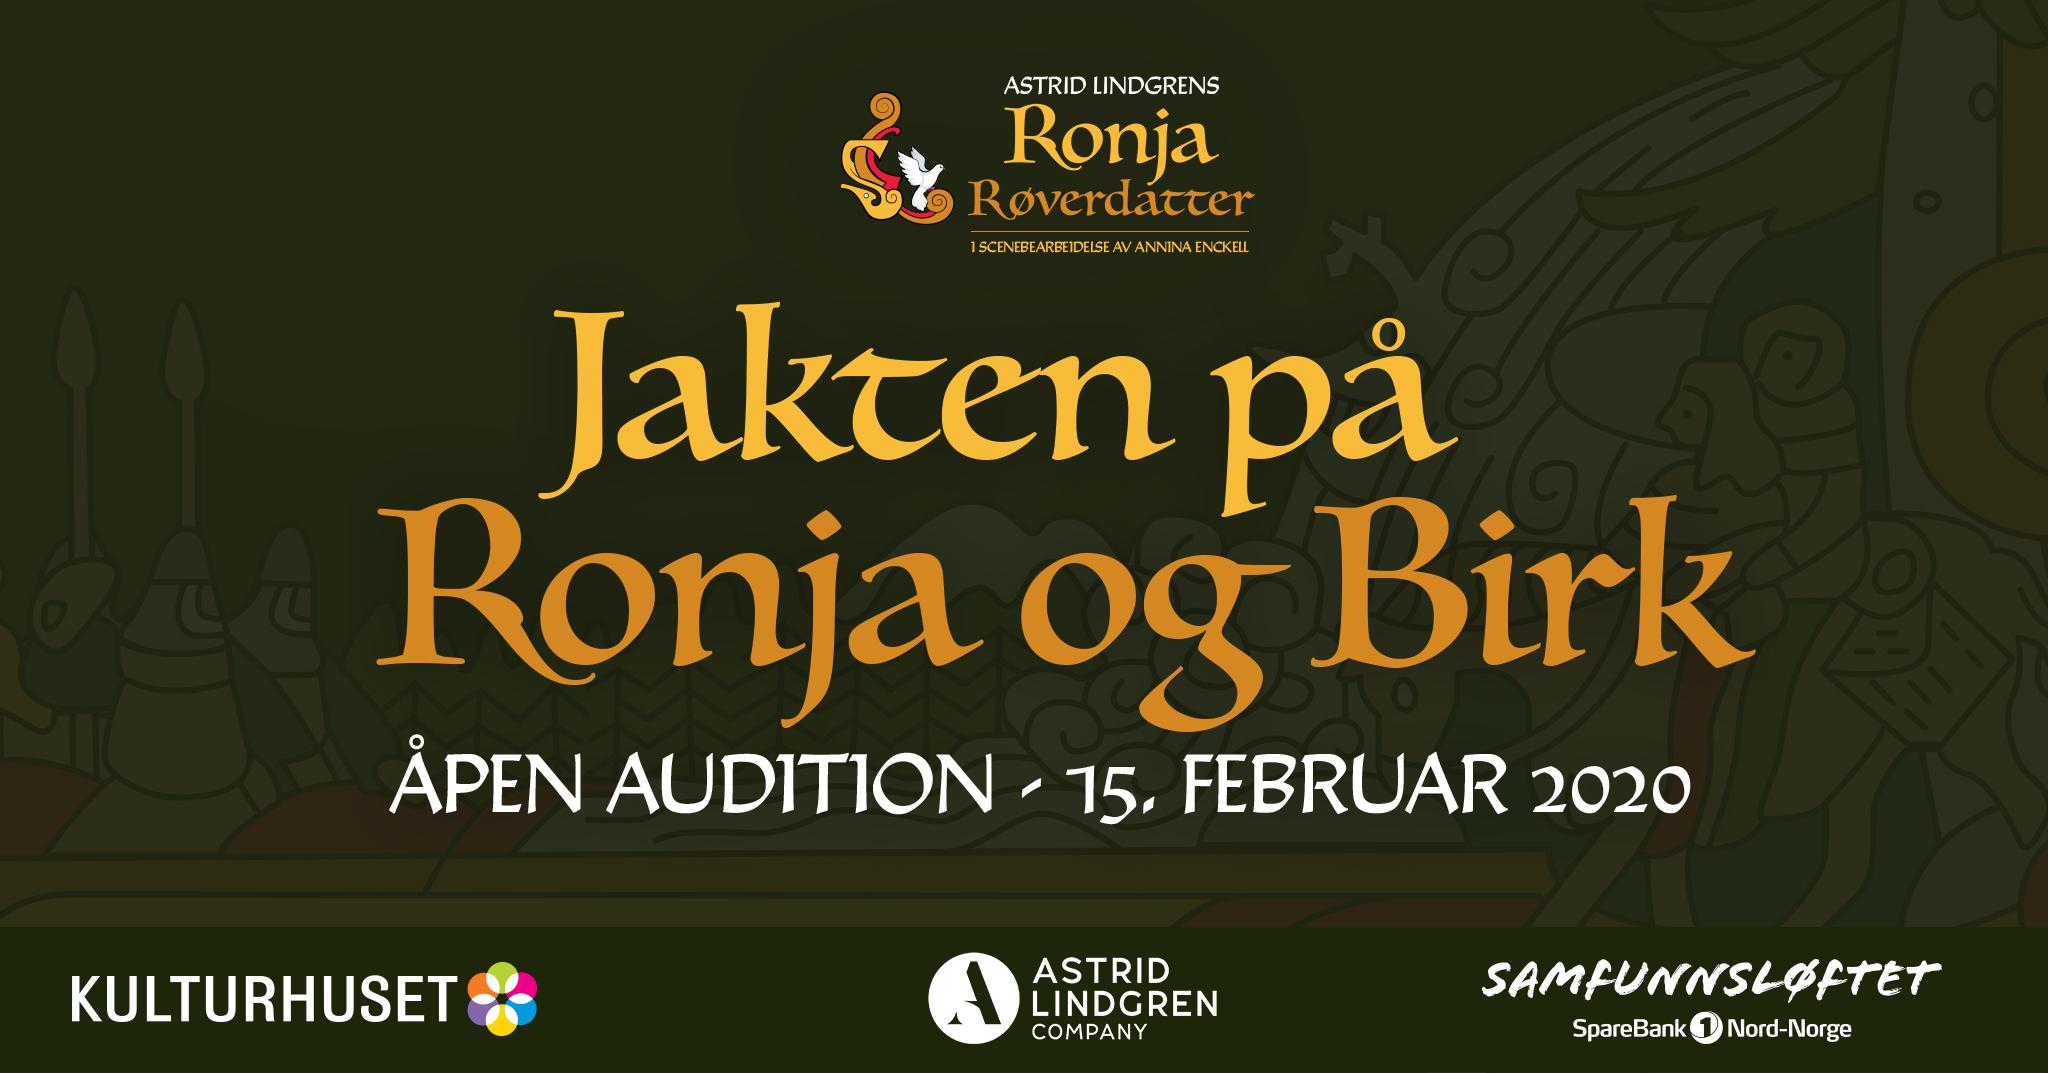 Jakten på Ronja og Birk